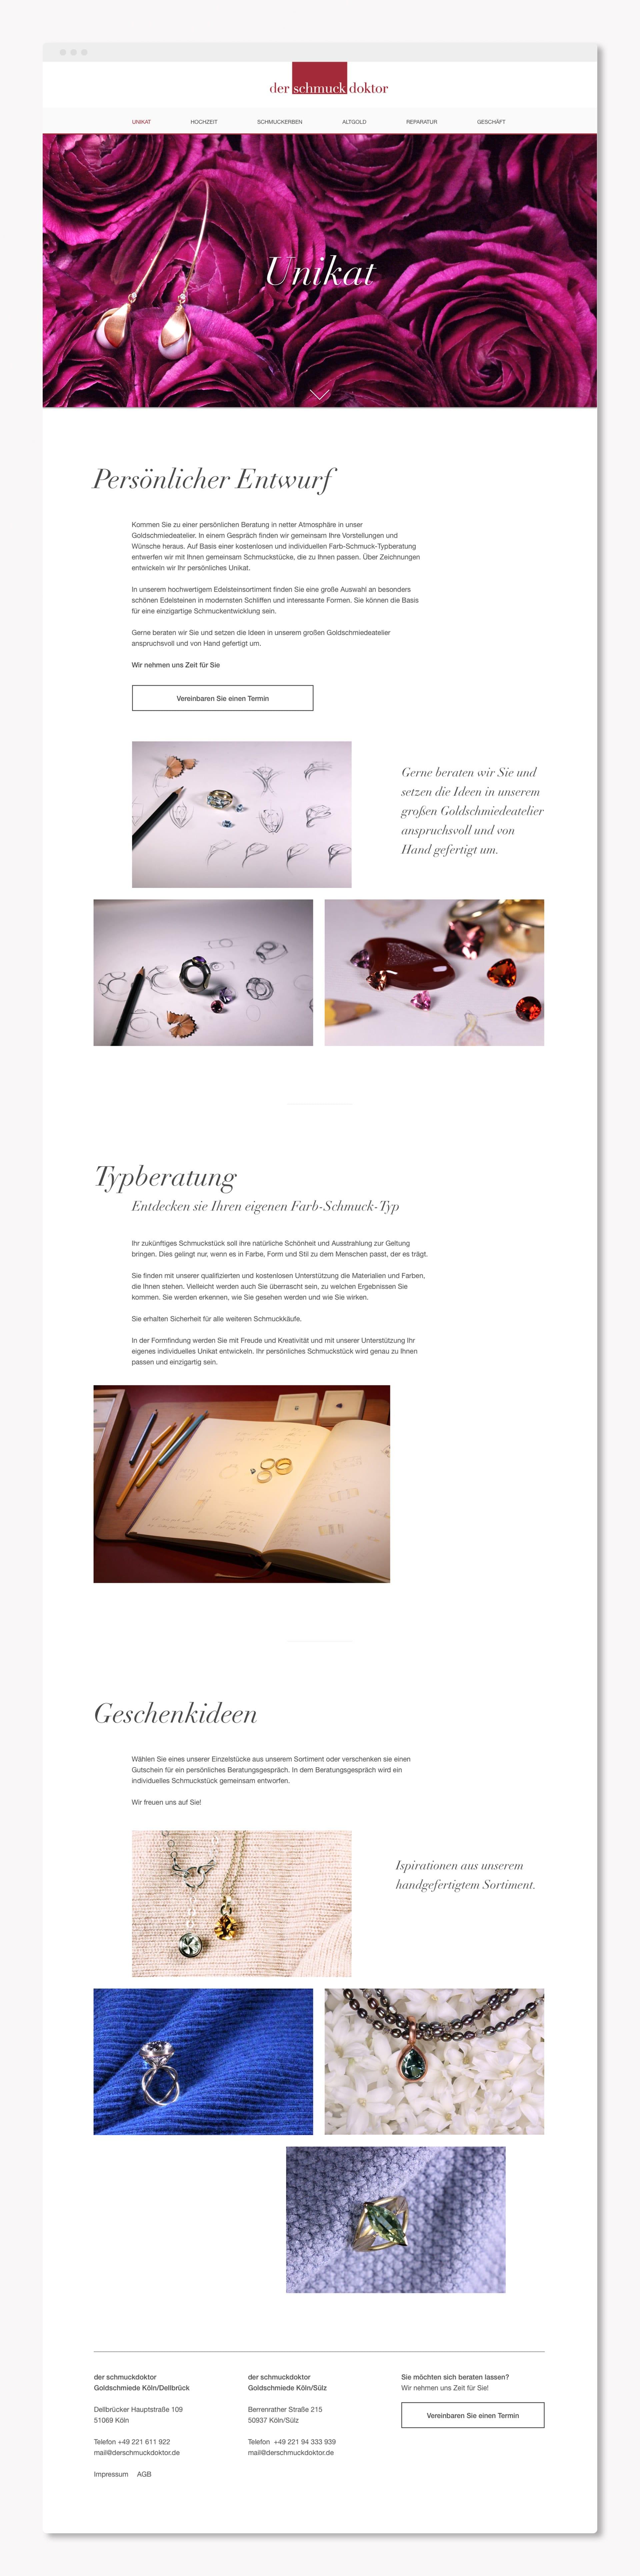 maxfath-der-schmuckdoktor-koeln-schmuck-website-webdesign-responsive-unikat-persoenlicher-entwurf